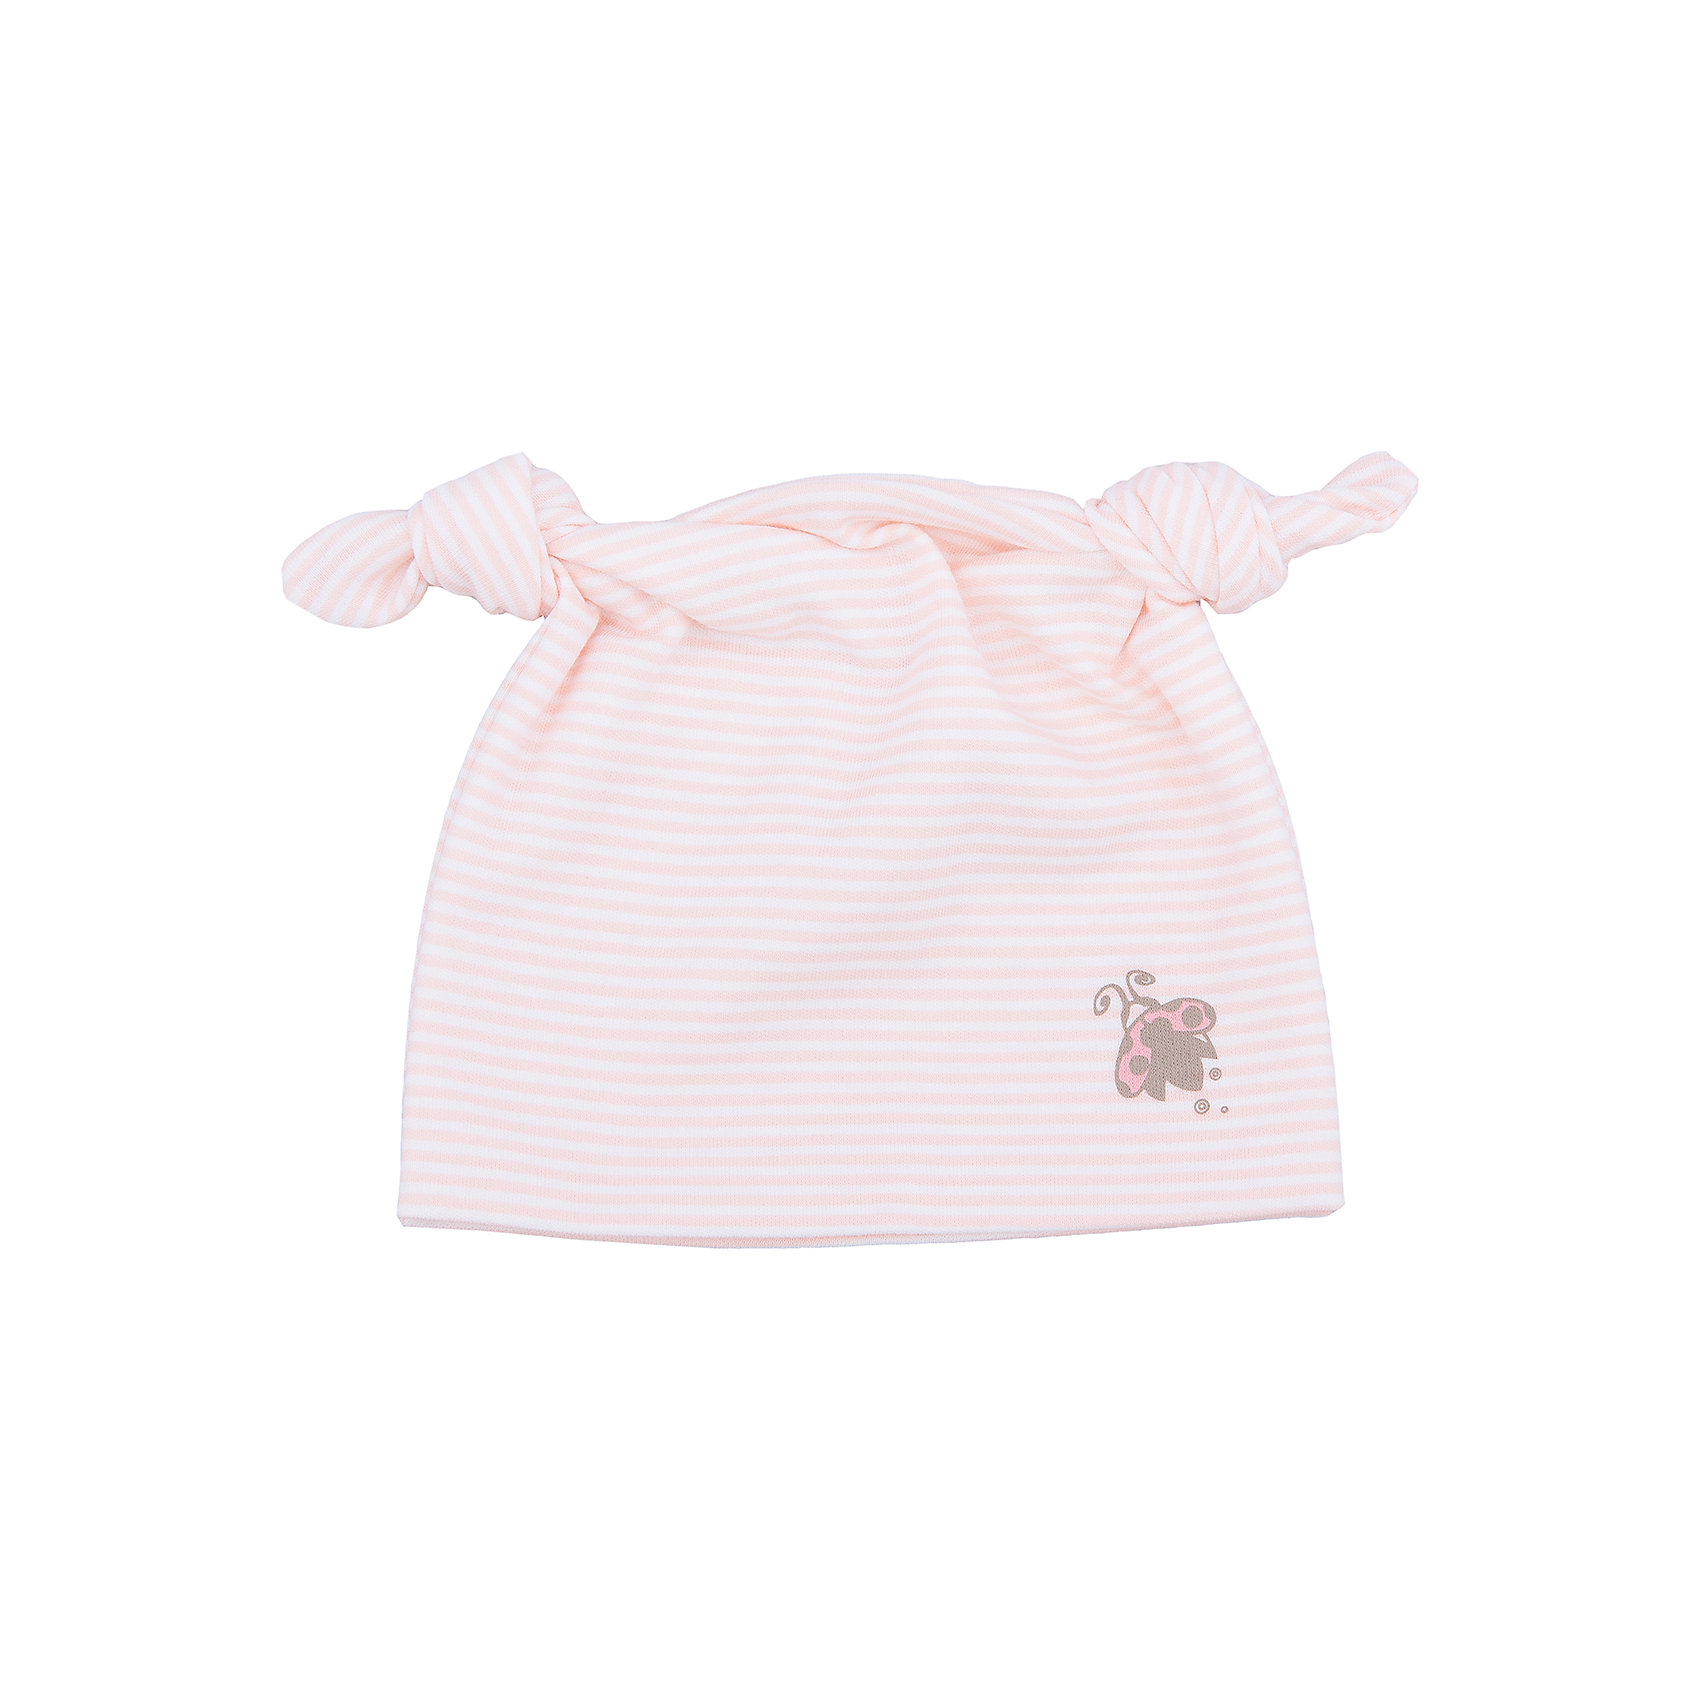 Мамуляндия Шапка  для девочки Мамуляндия мамуляндия комплект для новорожденного мамуляндия